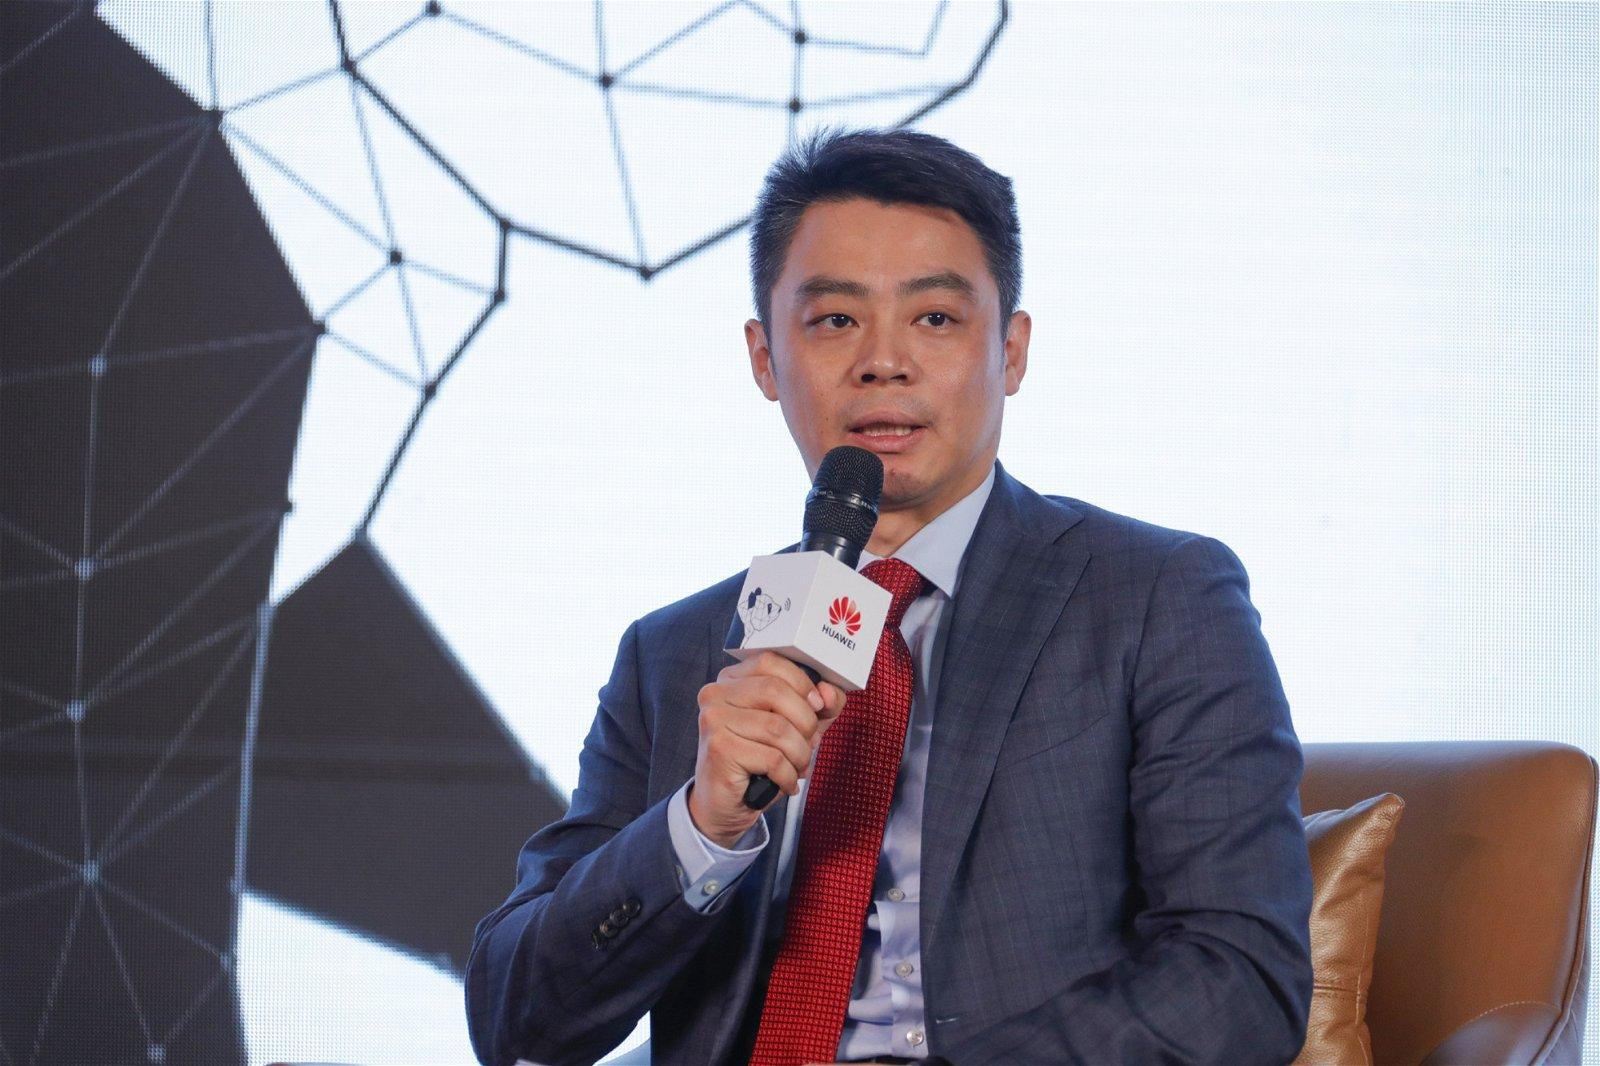 据华为无线网络首席运营官彭红华简介,5G不只给消费者带来了极致体验,5G更驱动行业数字化,催生更多行业应用,提升行业效率。